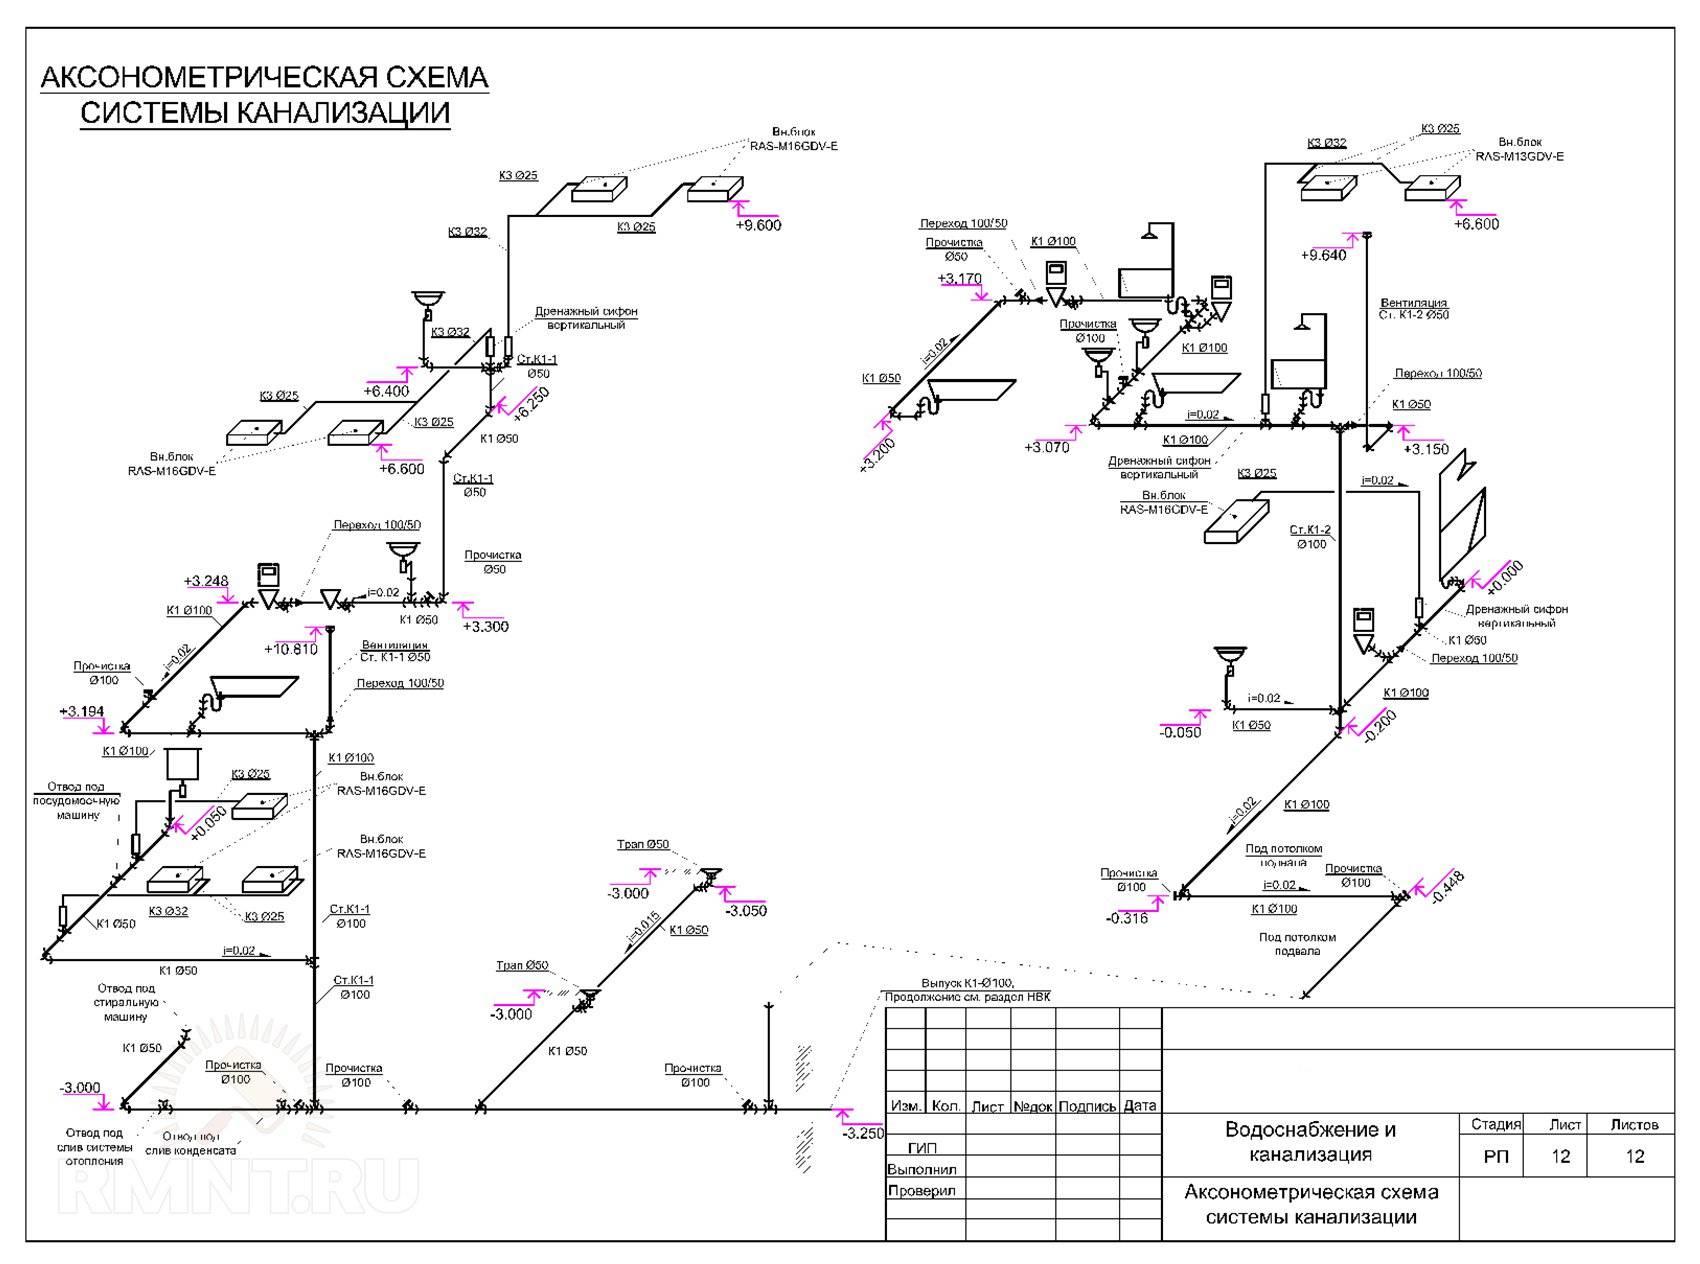 Аксонометрическая схема для водопровода, канализации или отопления